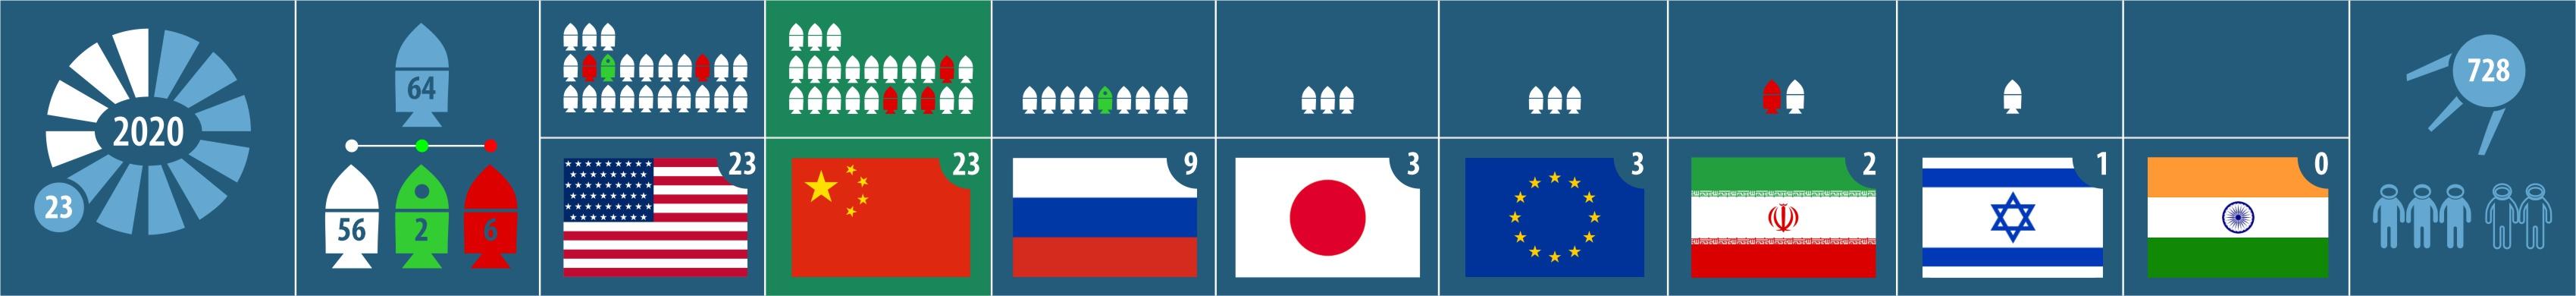 Успешный запуск. Спутник ДЗЗ высокого разрешения. Запуски 2020 года 64-й общий, 58-й успешный, 23-й от Китая